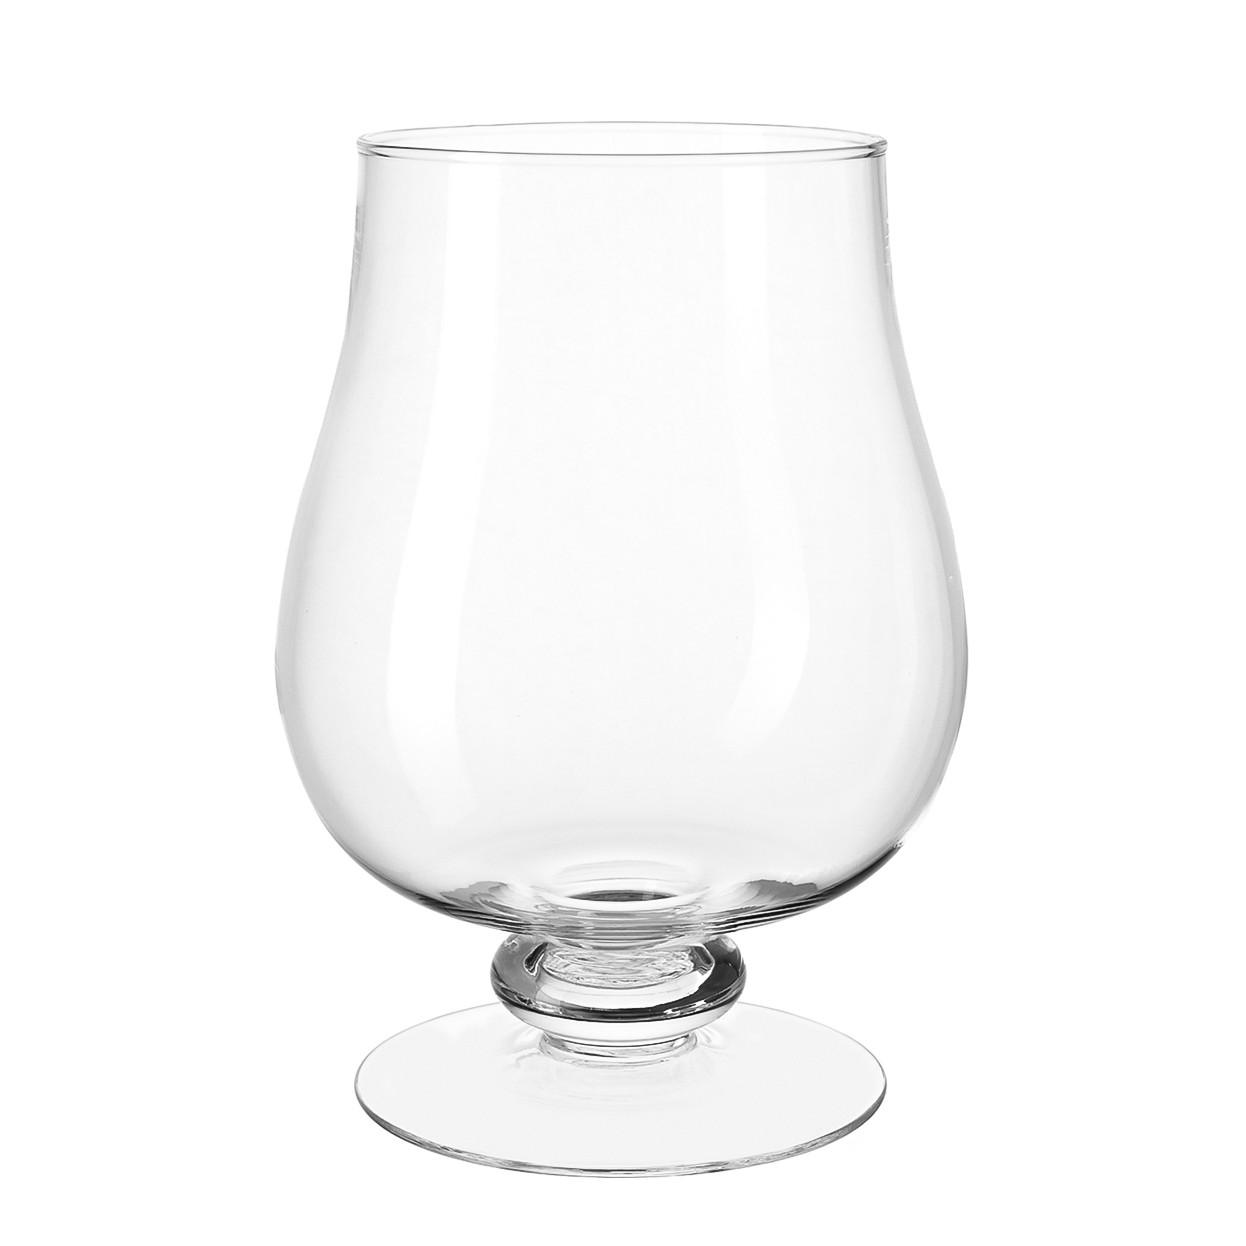 Windlicht Giardino - Glas - 30, Leonardo